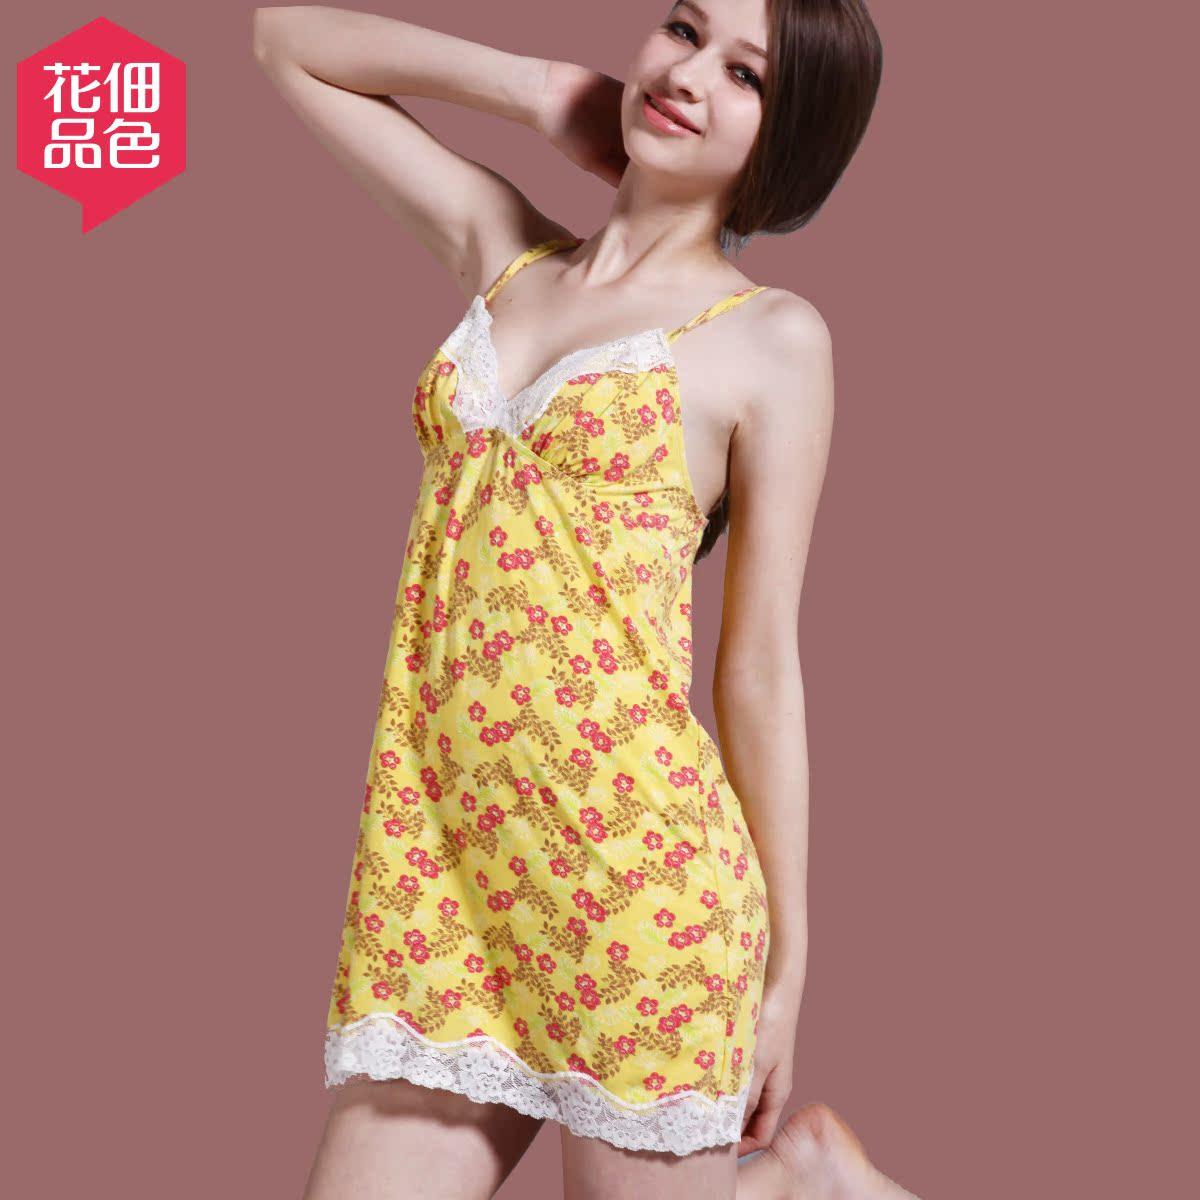 品色五月天_花佃品色 印花吊带女士睡裙莫代尔可爱印花性感蕾丝花边